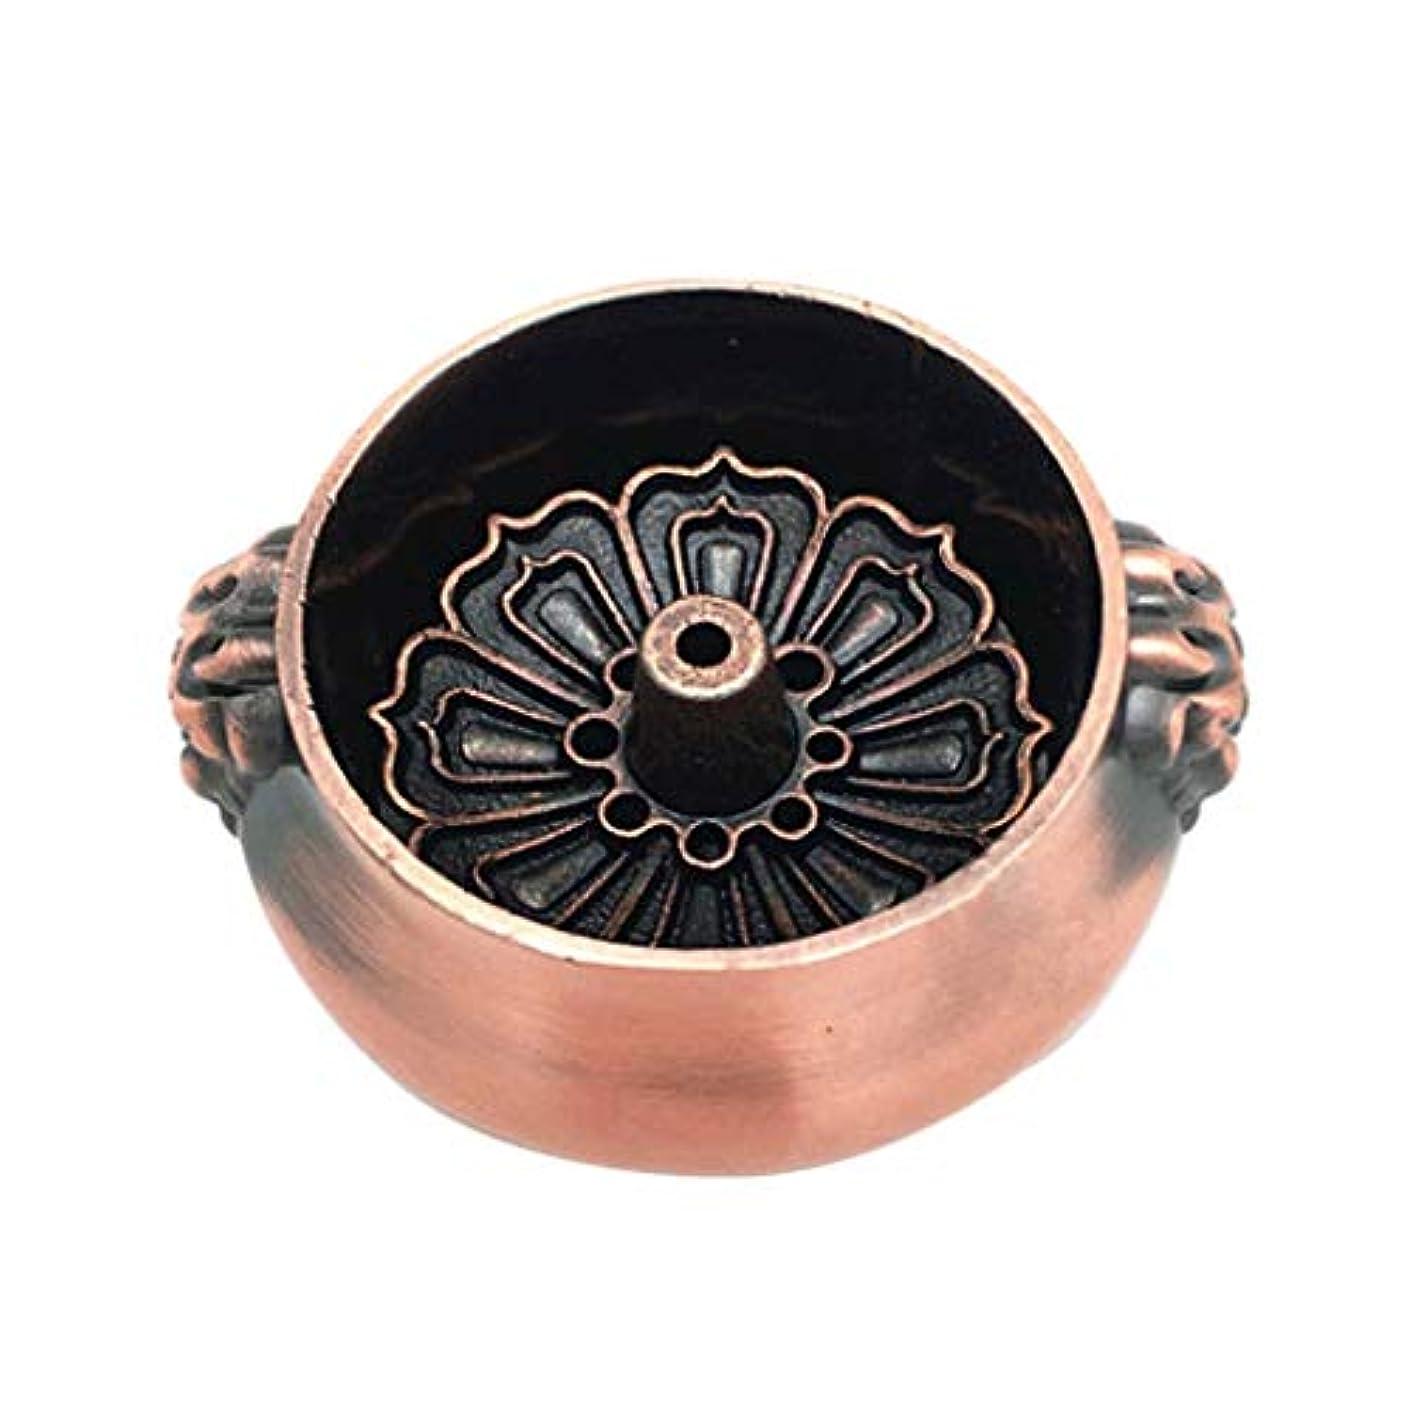 一時的ピットアメリカアンティーク合金銅香バーナースティックライン香コイルロータス形状香クリエイティブホームデコレーション香ホルダー (Color : Brass, サイズ : 2.36*1.06inchs)